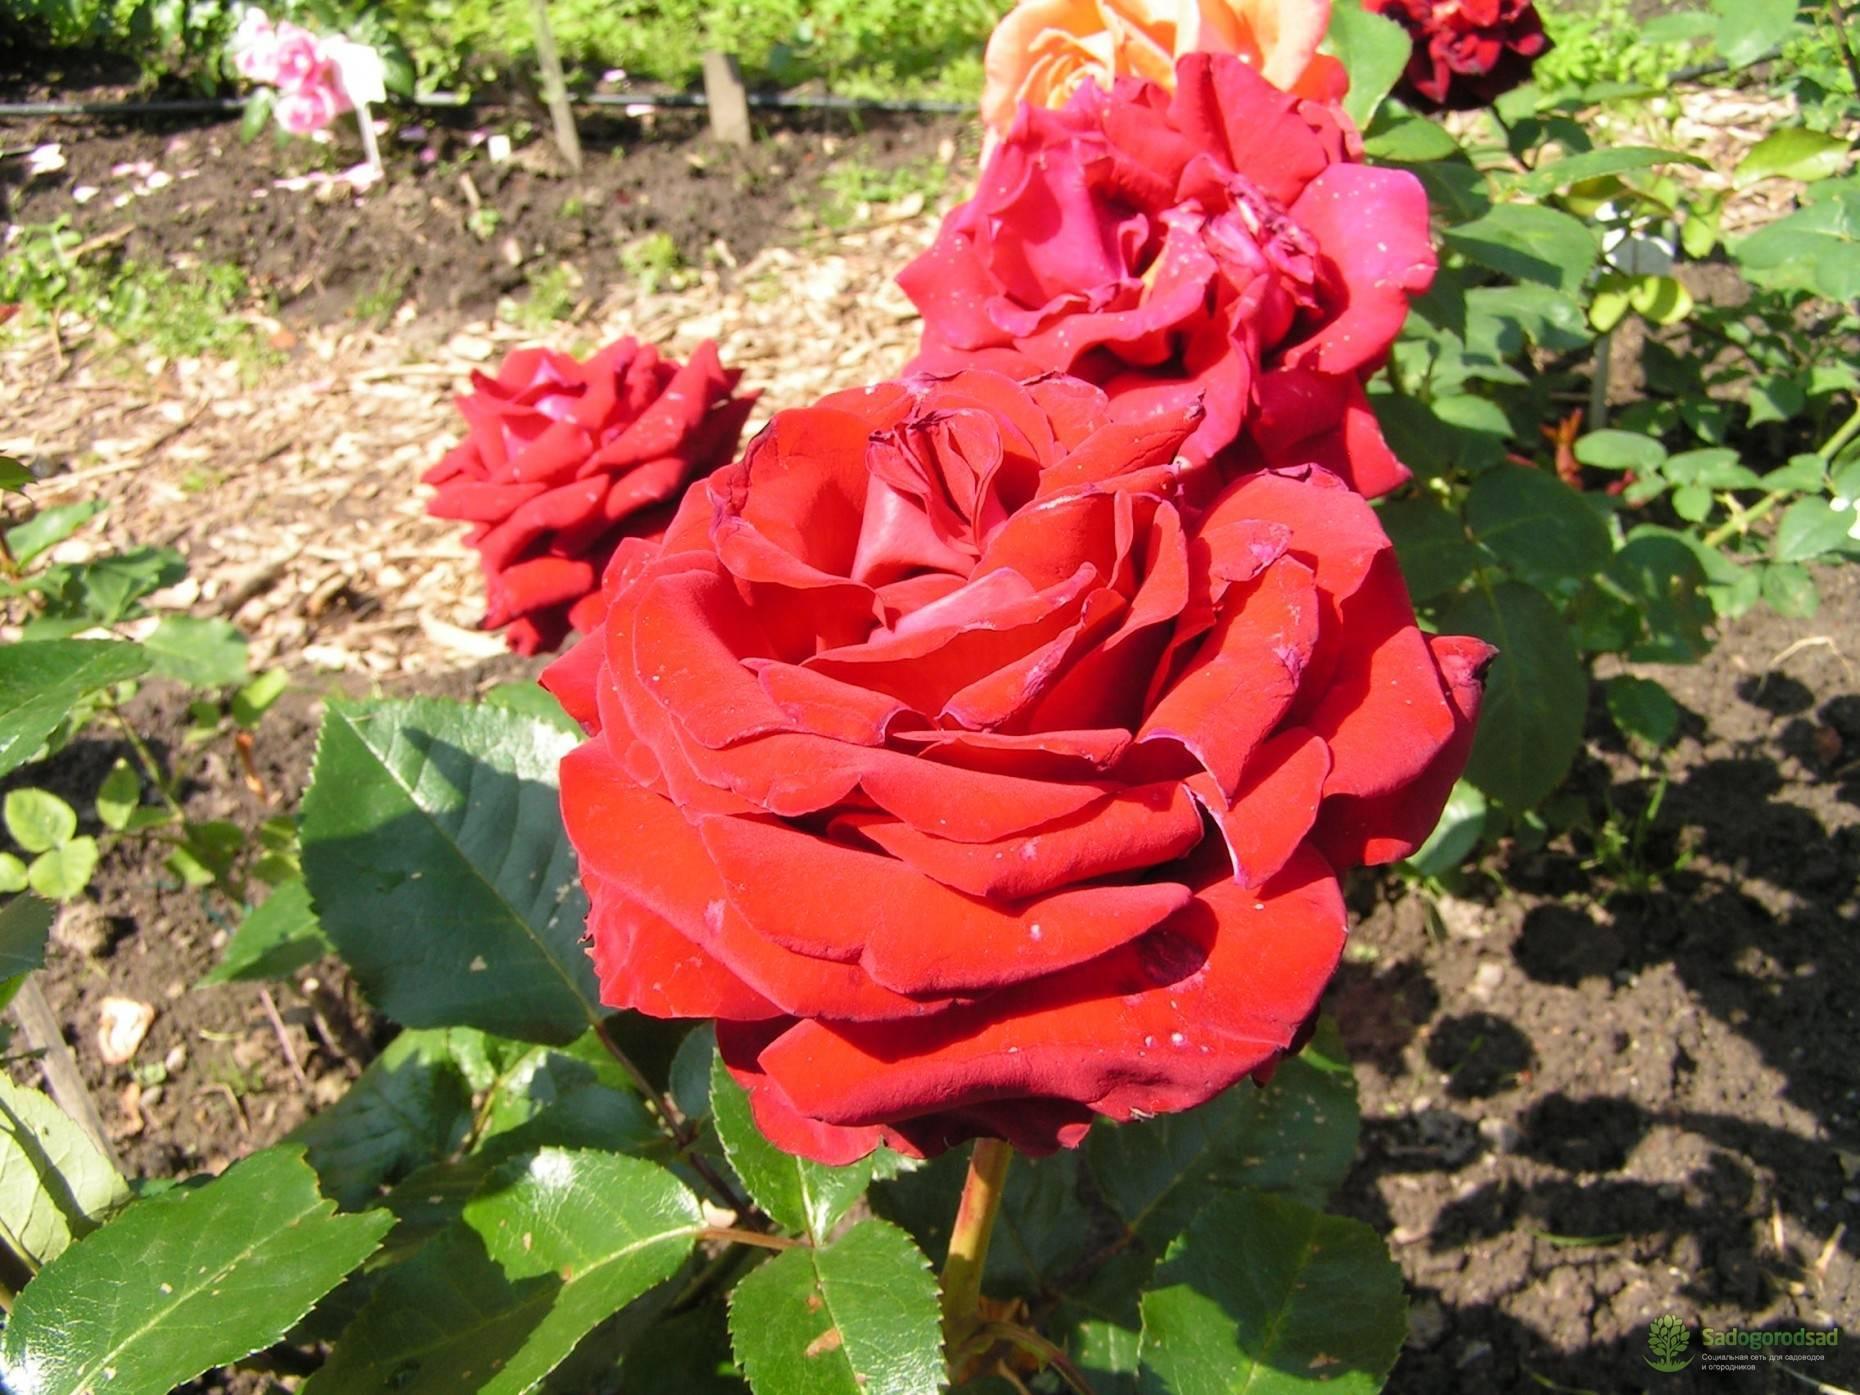 Выращивание чайной гибридной розы красно-желтого цвета сорта моника, нюансы ухода